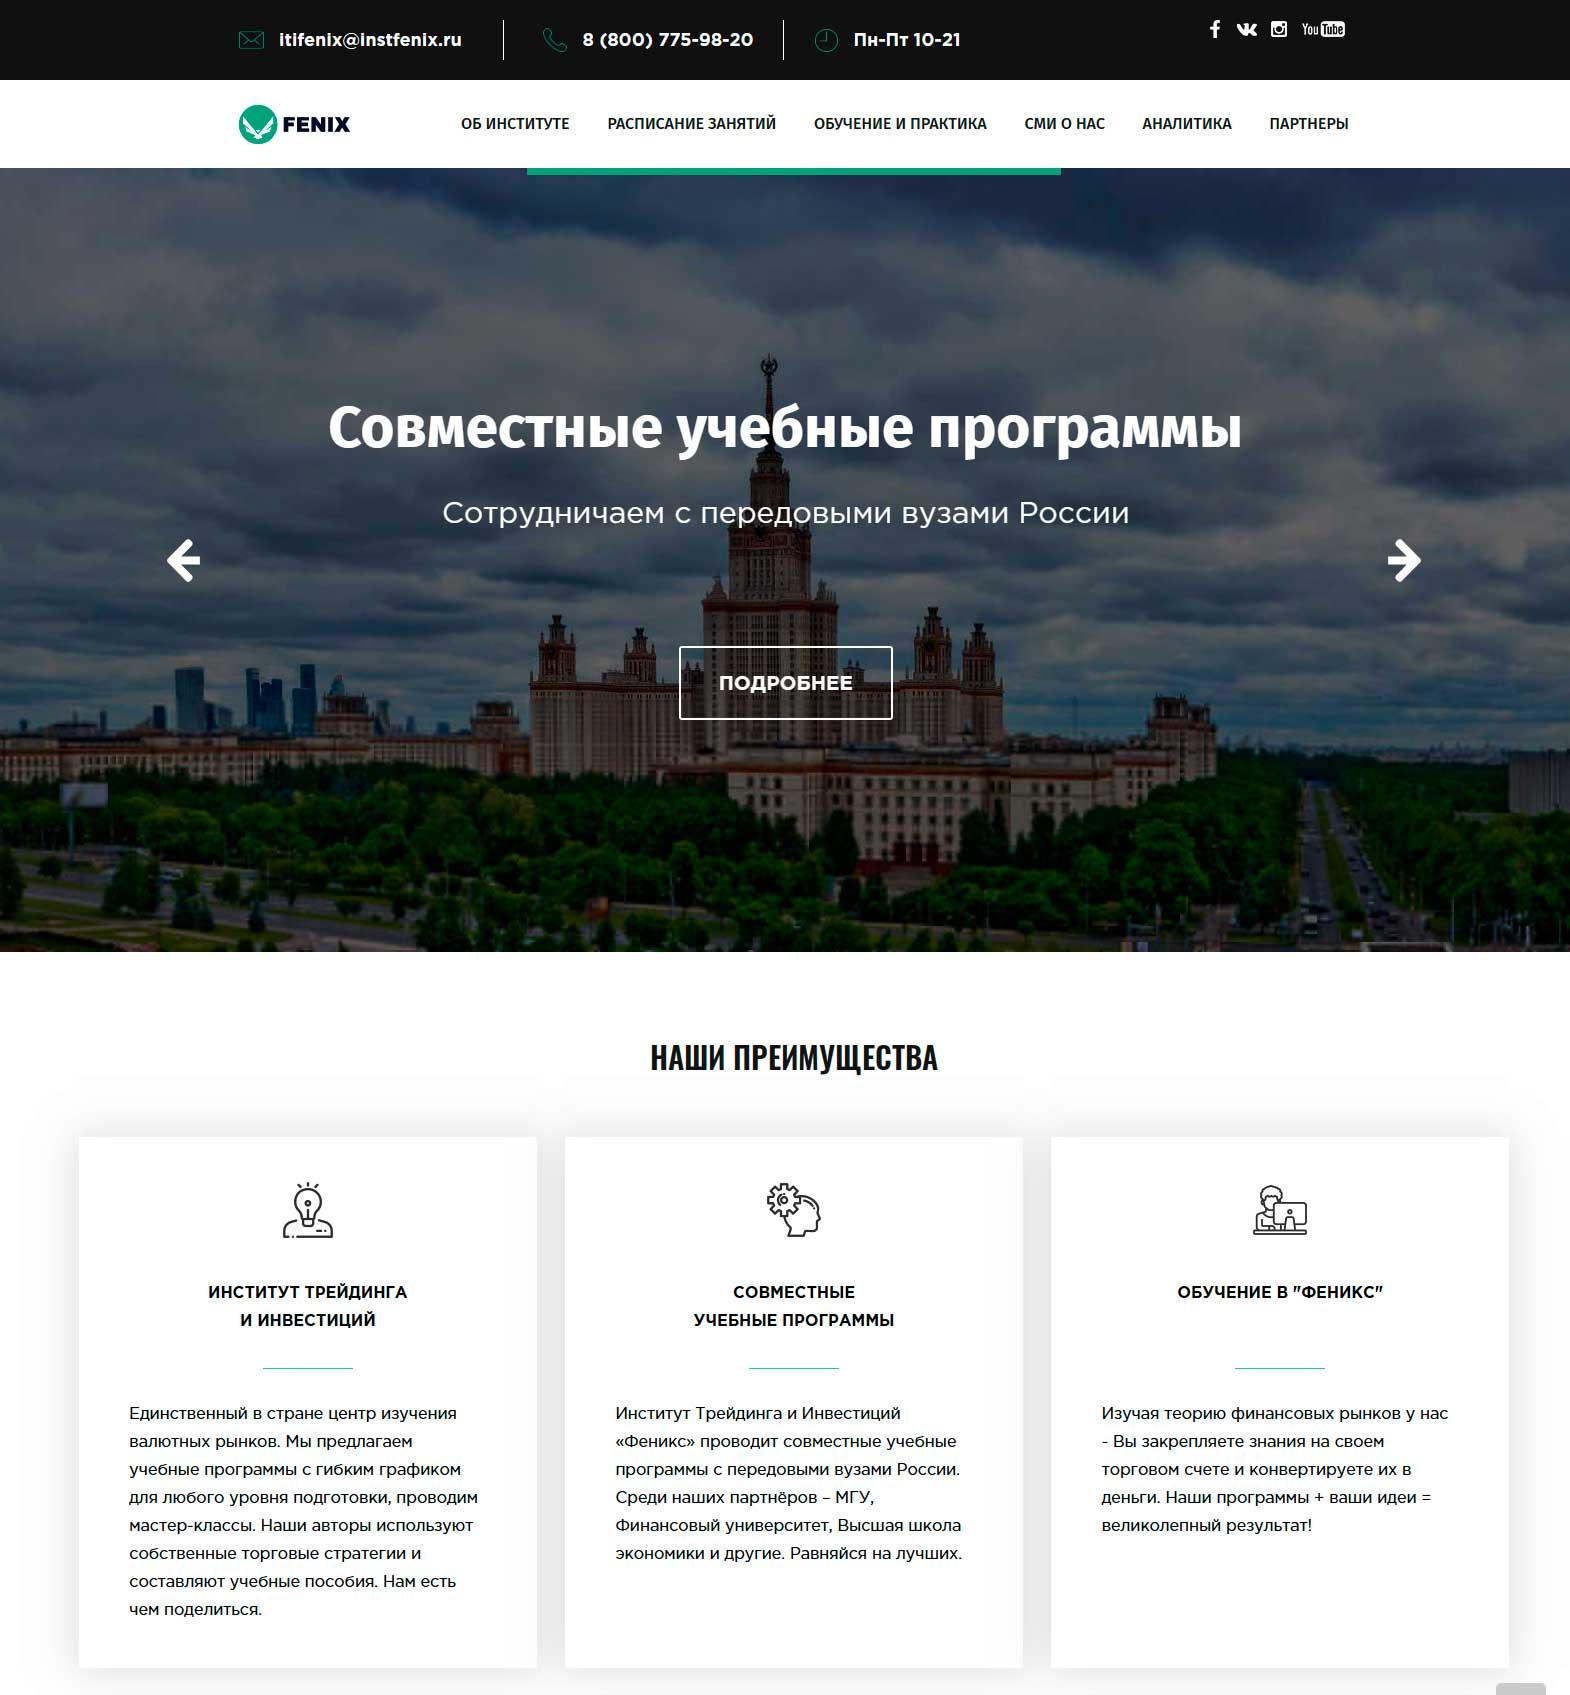 феникс трейдинг официальный сайт